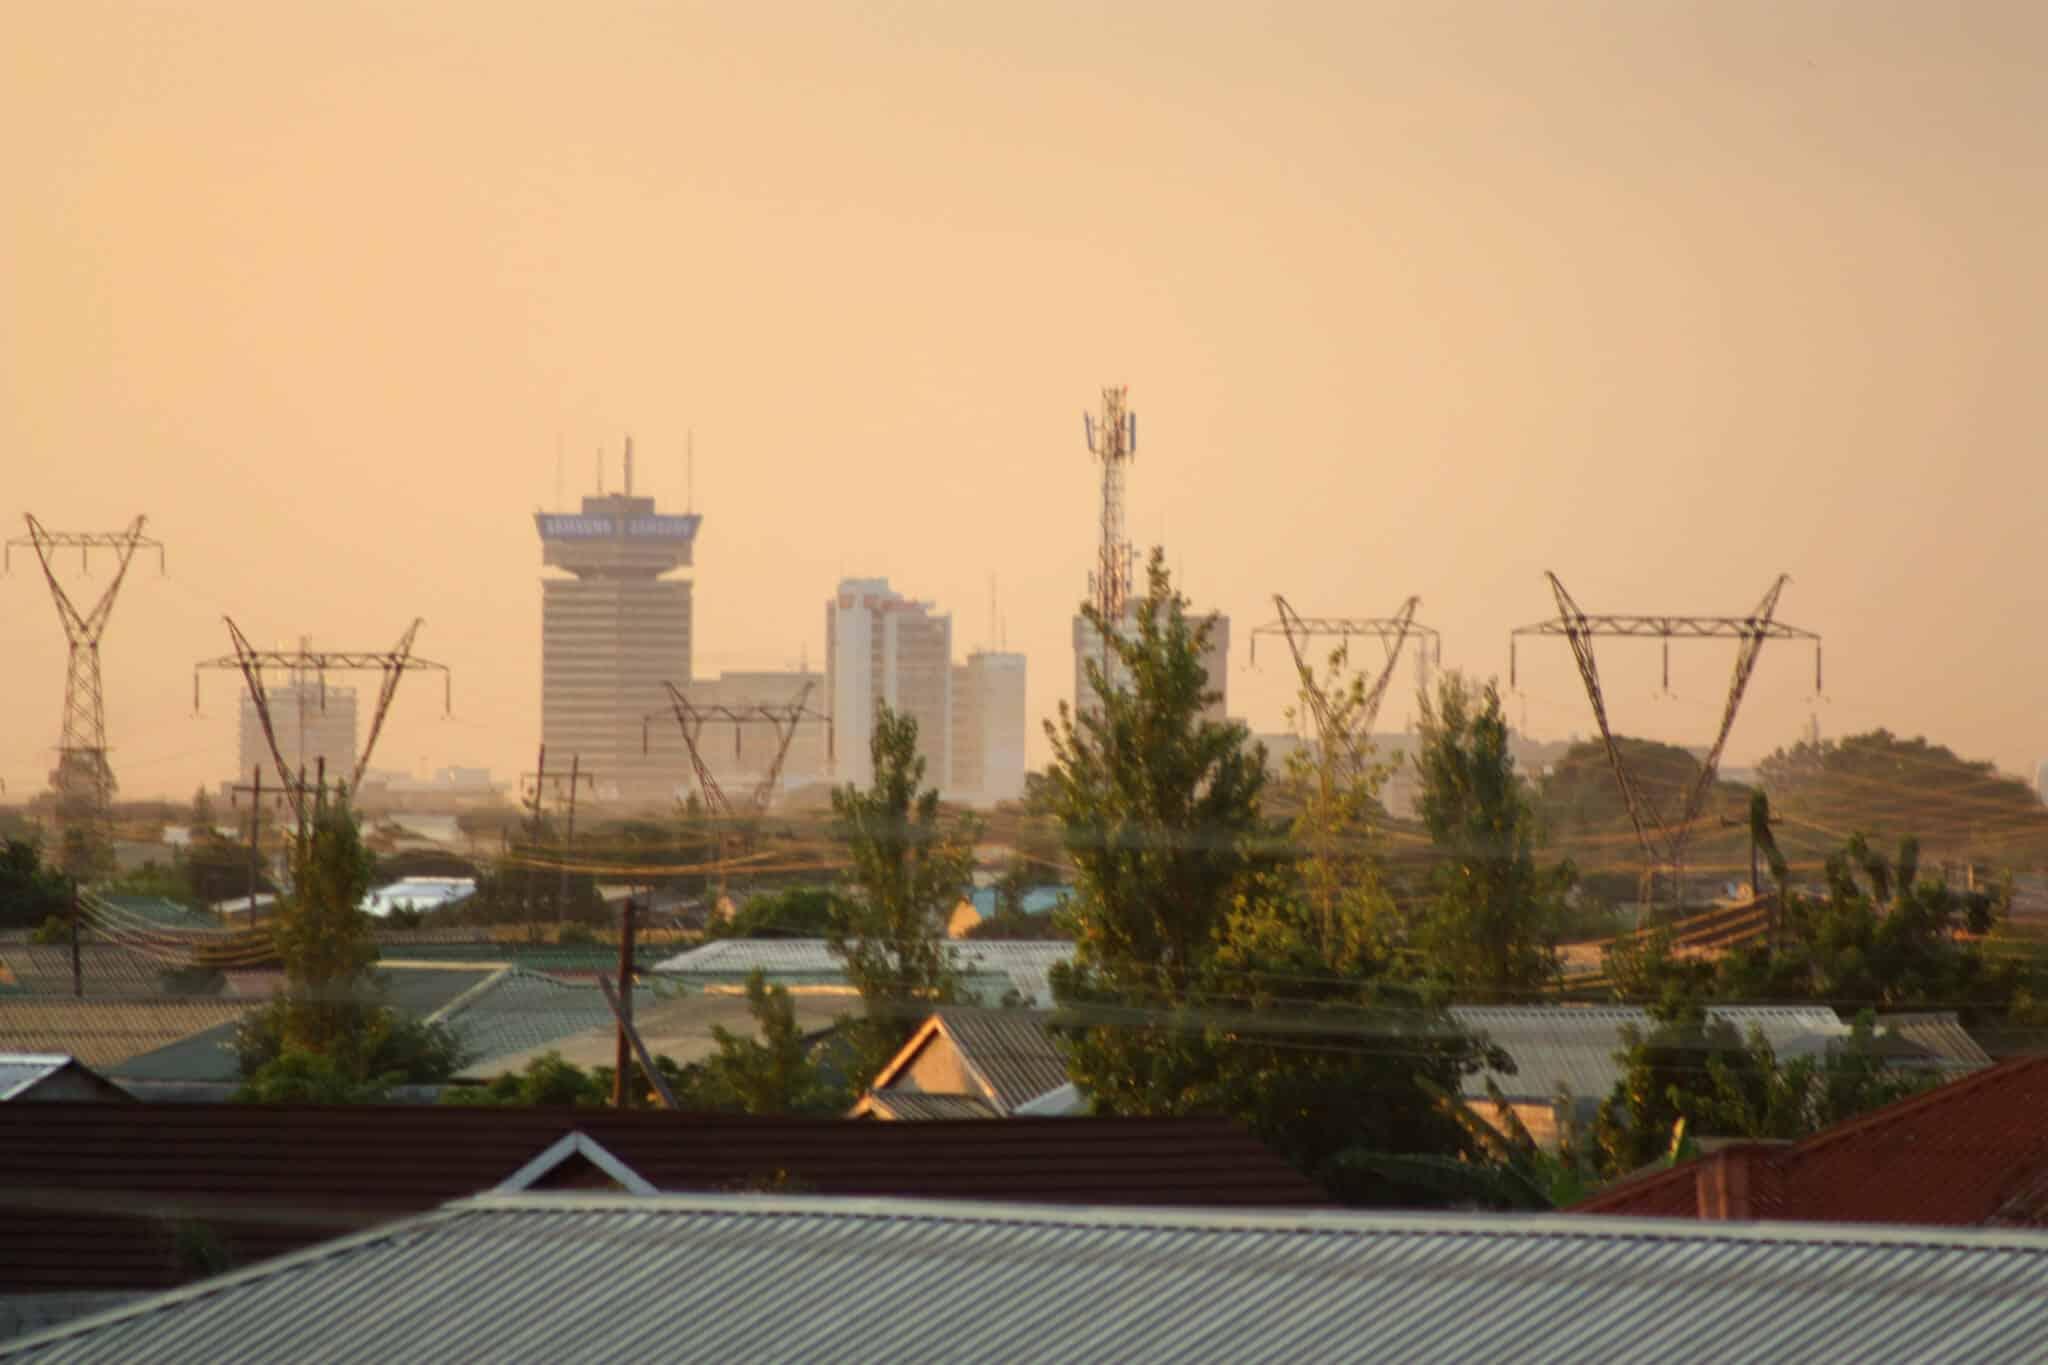 Zambija još uvijek nije legalizirala kanabis, te uključuje i zatvorsku kaznu do 15 godina za korištenje istoga.